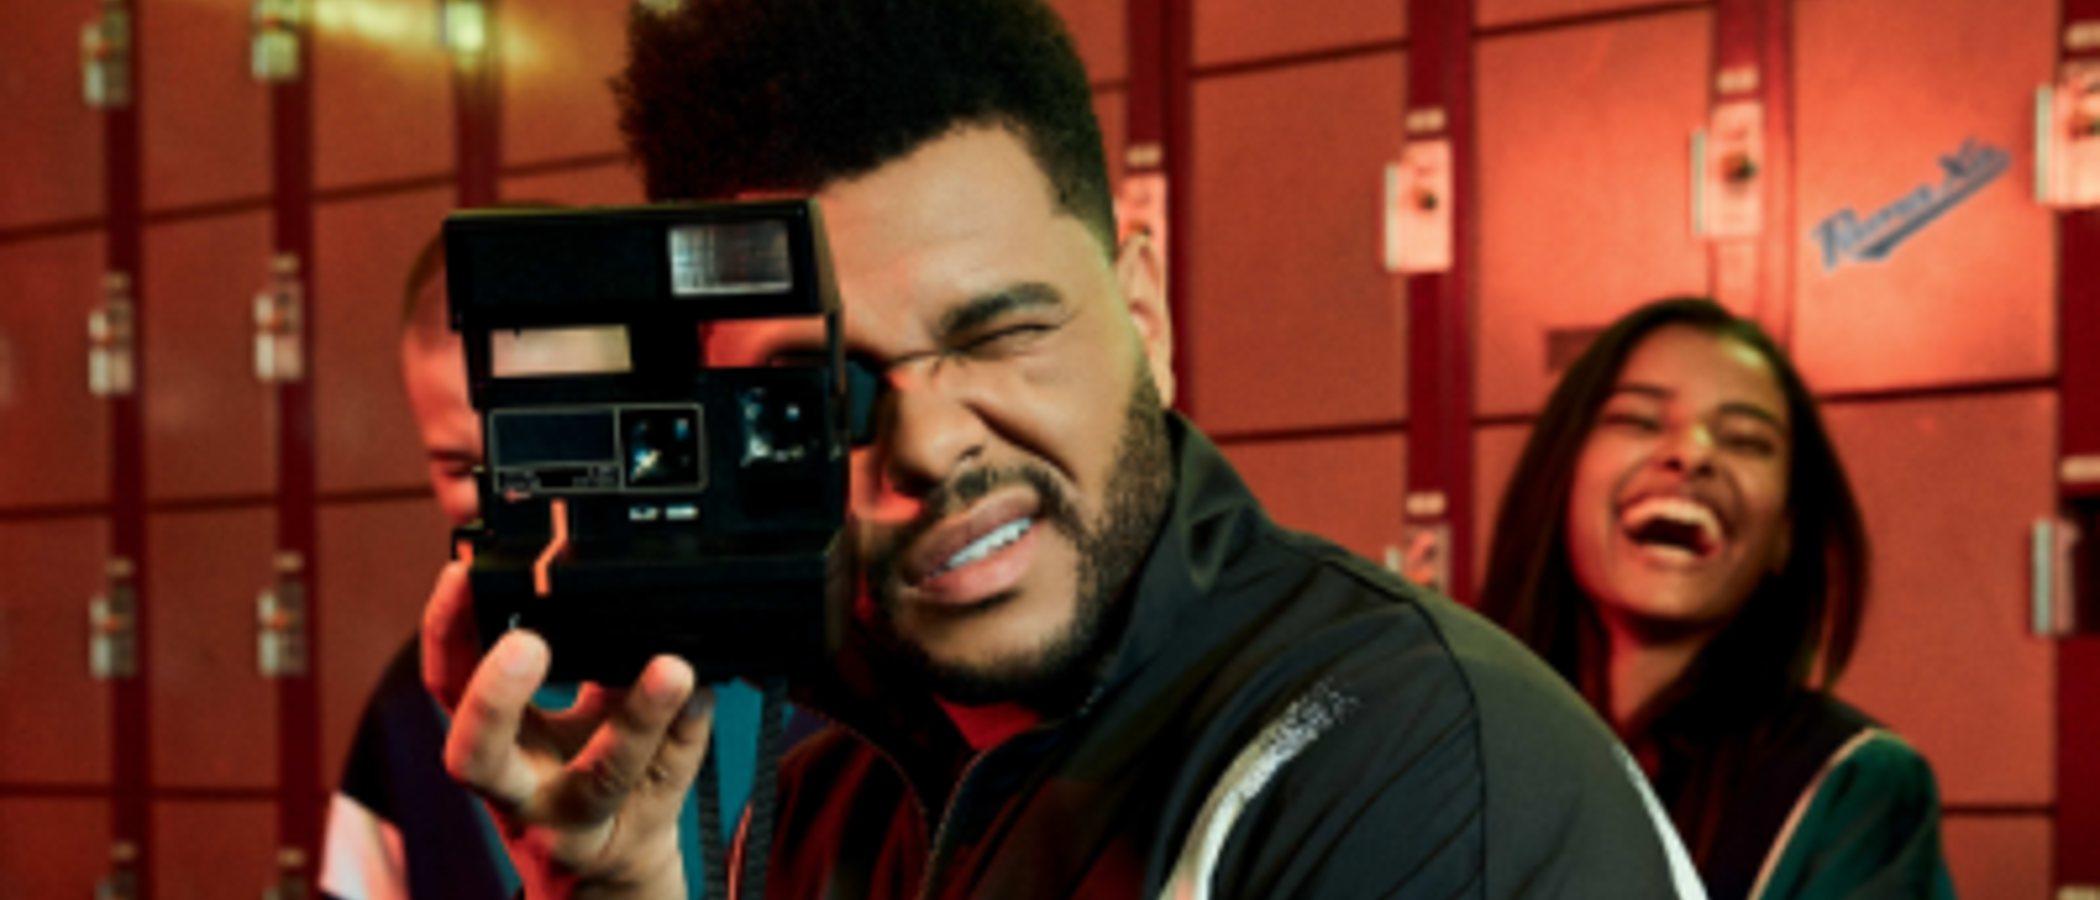 Puma reinventa un clásico de zapatillas junto a The Weeknd